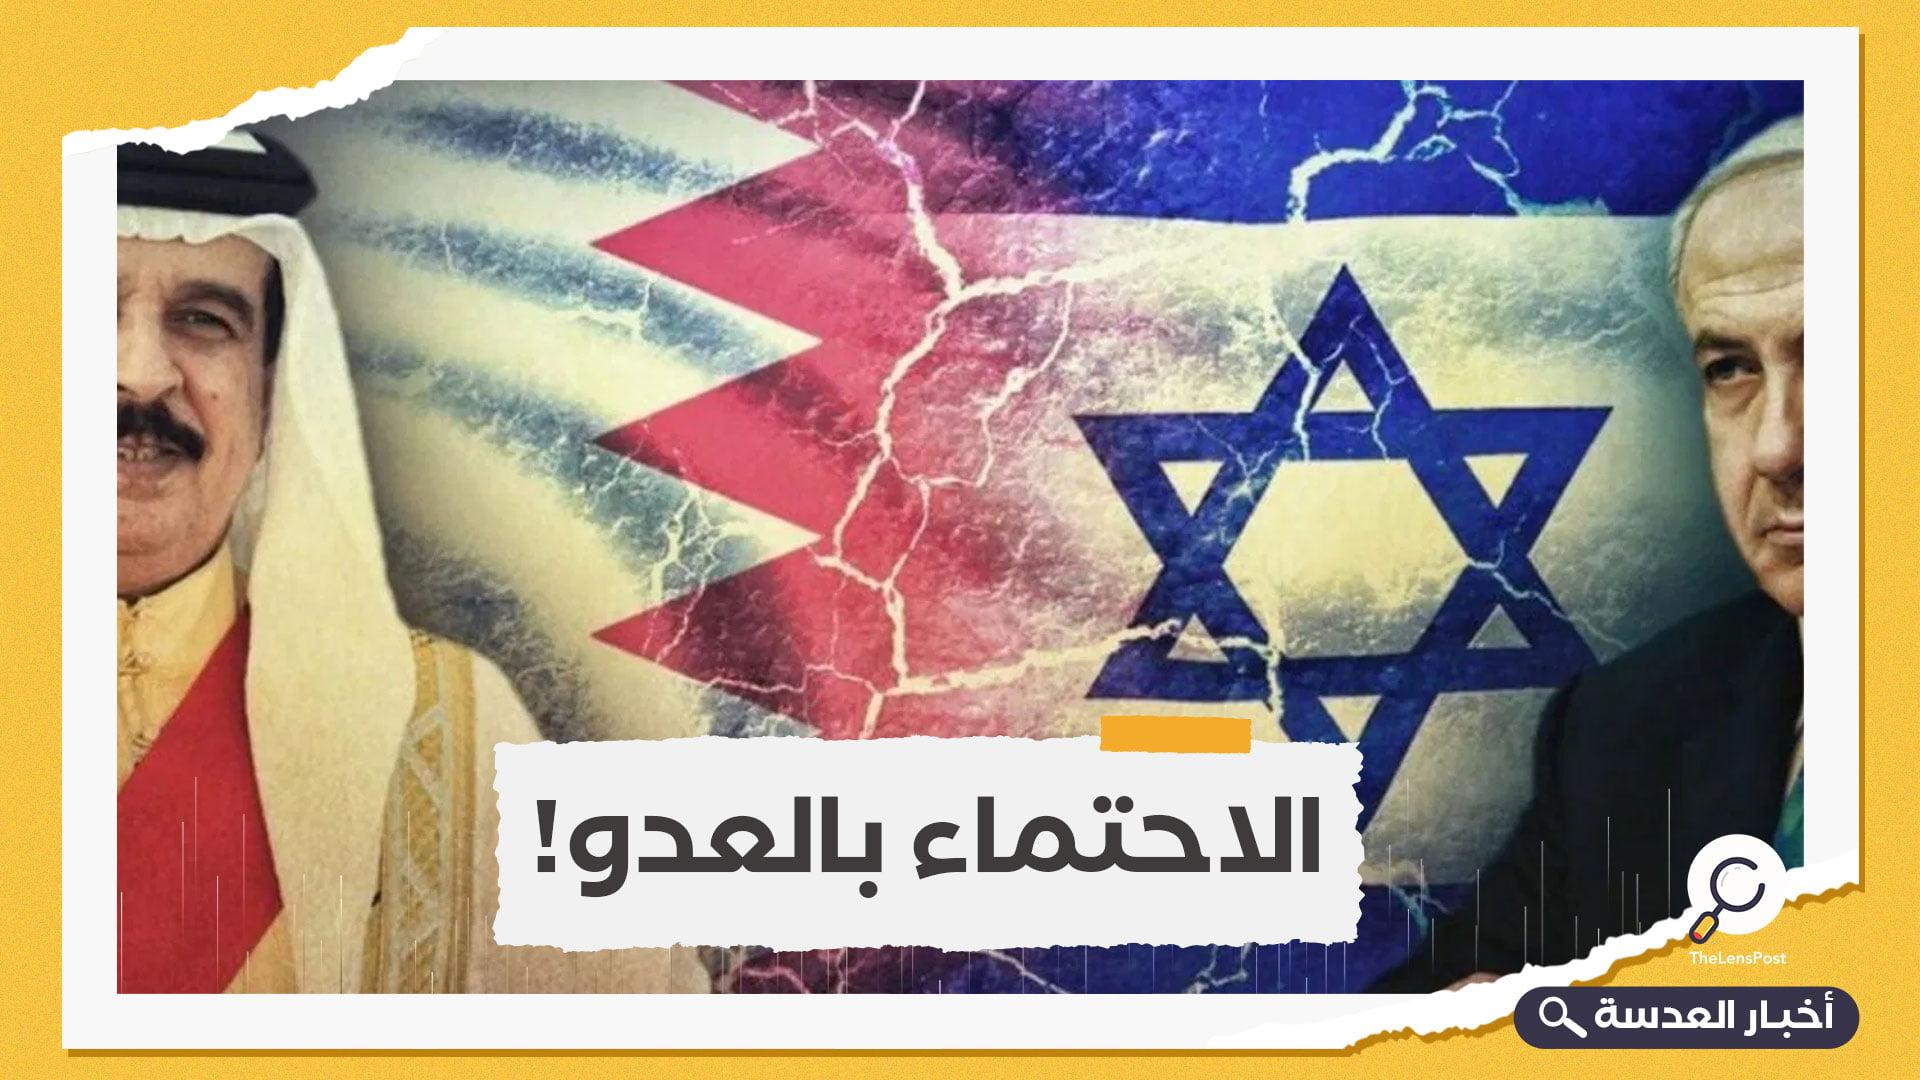 البحرين تتباهى بالتطبيع مع إسرائيل وتبرره باحتياجها إلى رادع أمني